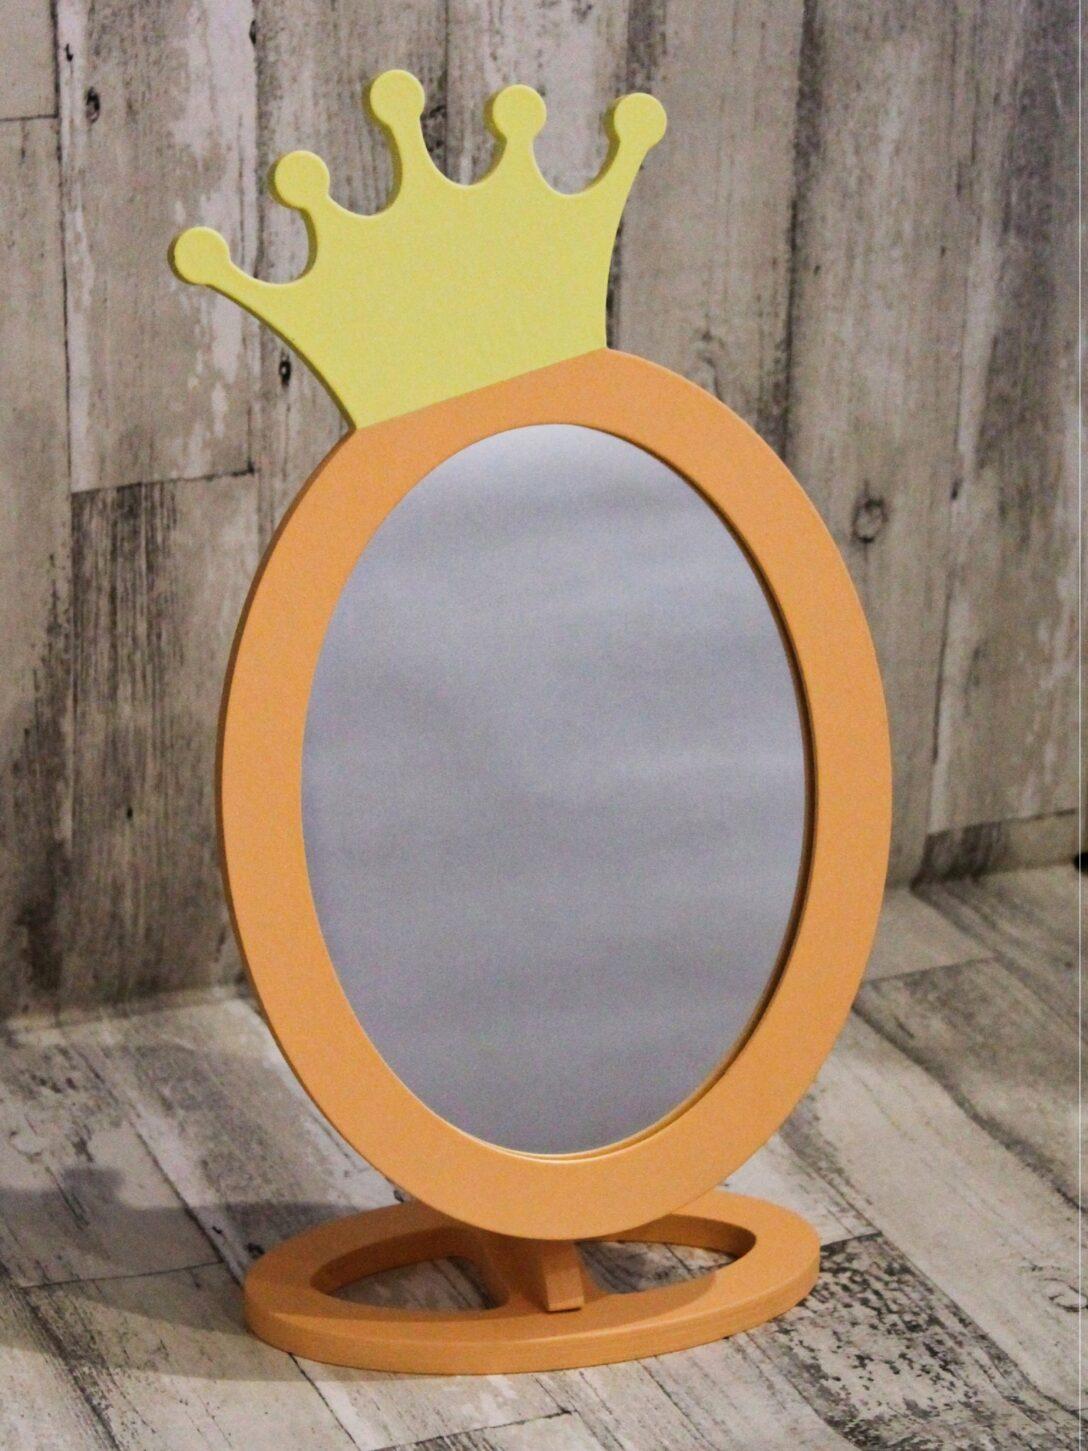 Large Size of Spiegel Kinderzimmer Knigin Krone Mdchen Violett Dekoration Fliesenspiegel Küche Selber Machen Spiegelleuchte Bad Badezimmer Spiegelschrank Mit Beleuchtung Kinderzimmer Spiegel Kinderzimmer